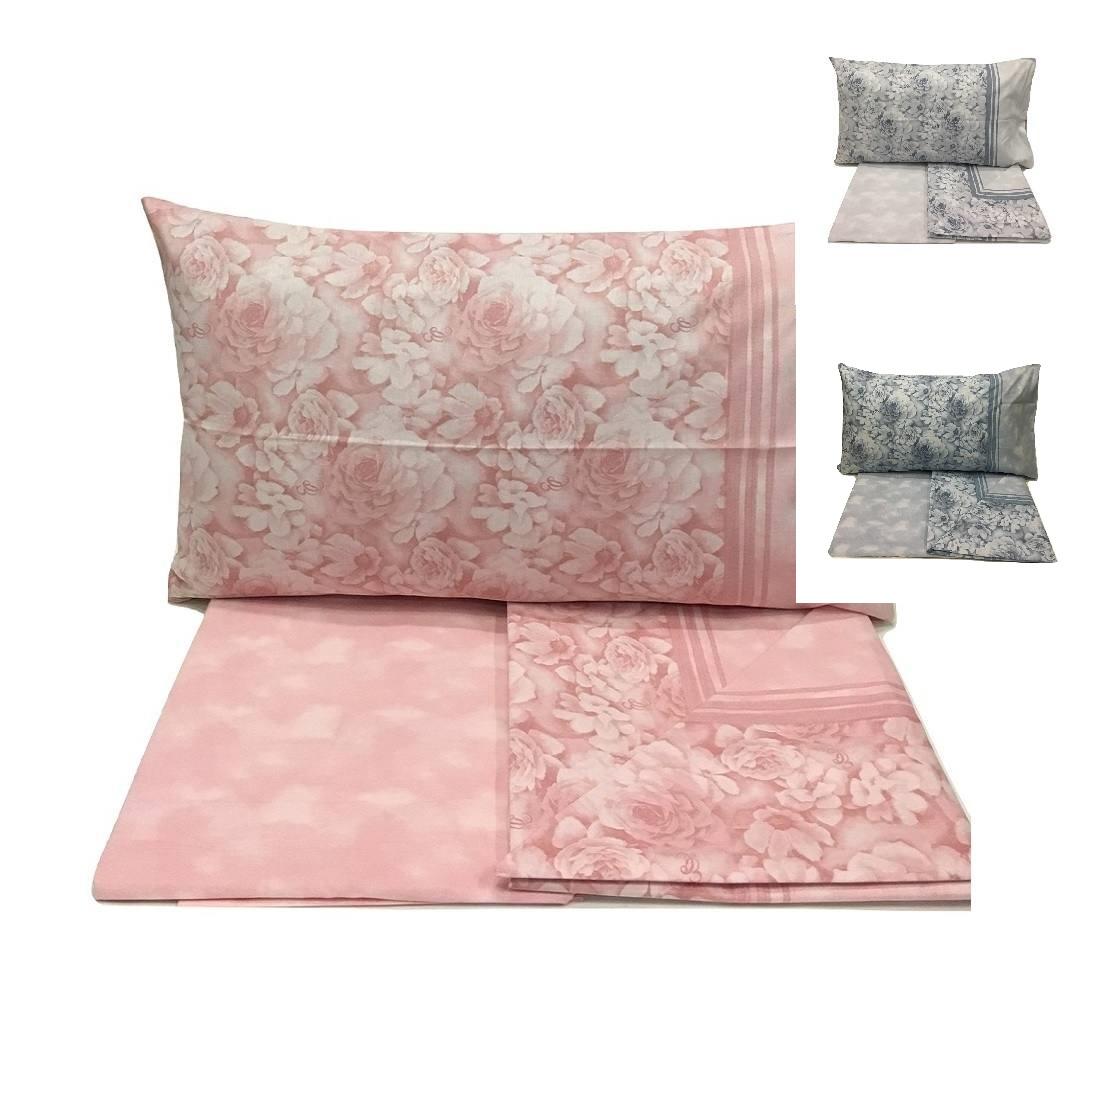 Lenzuola Matrimoniali Anne Geddes.Dettagli Su Lenzuola Enrico Coveri Matrimoniale Disegno Rose Puro Cotone